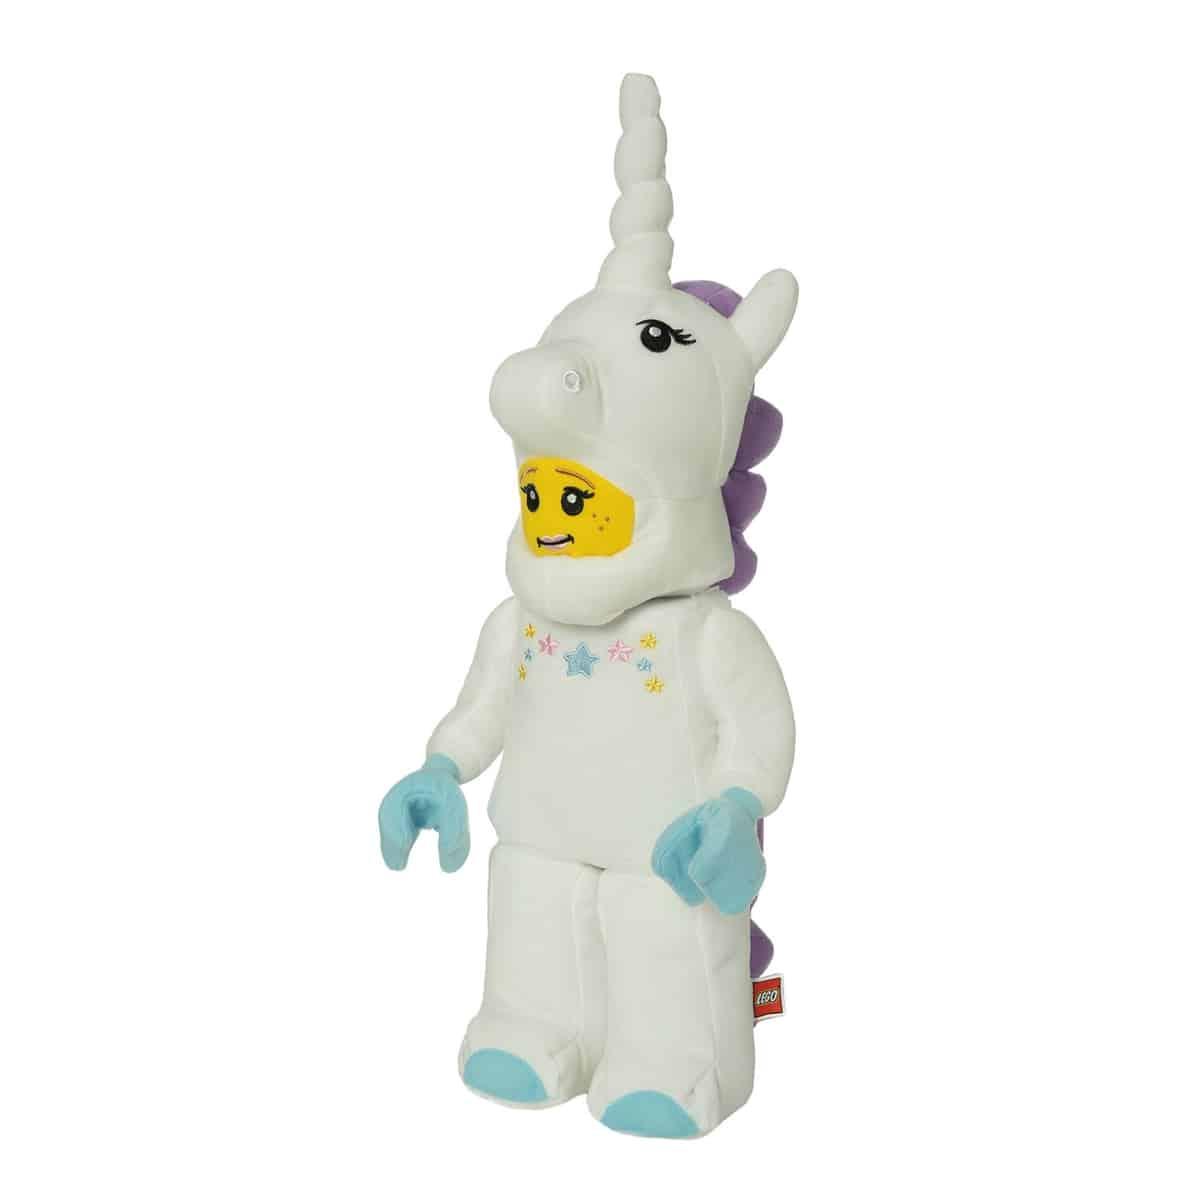 lego 5006625 unicorn girl plush